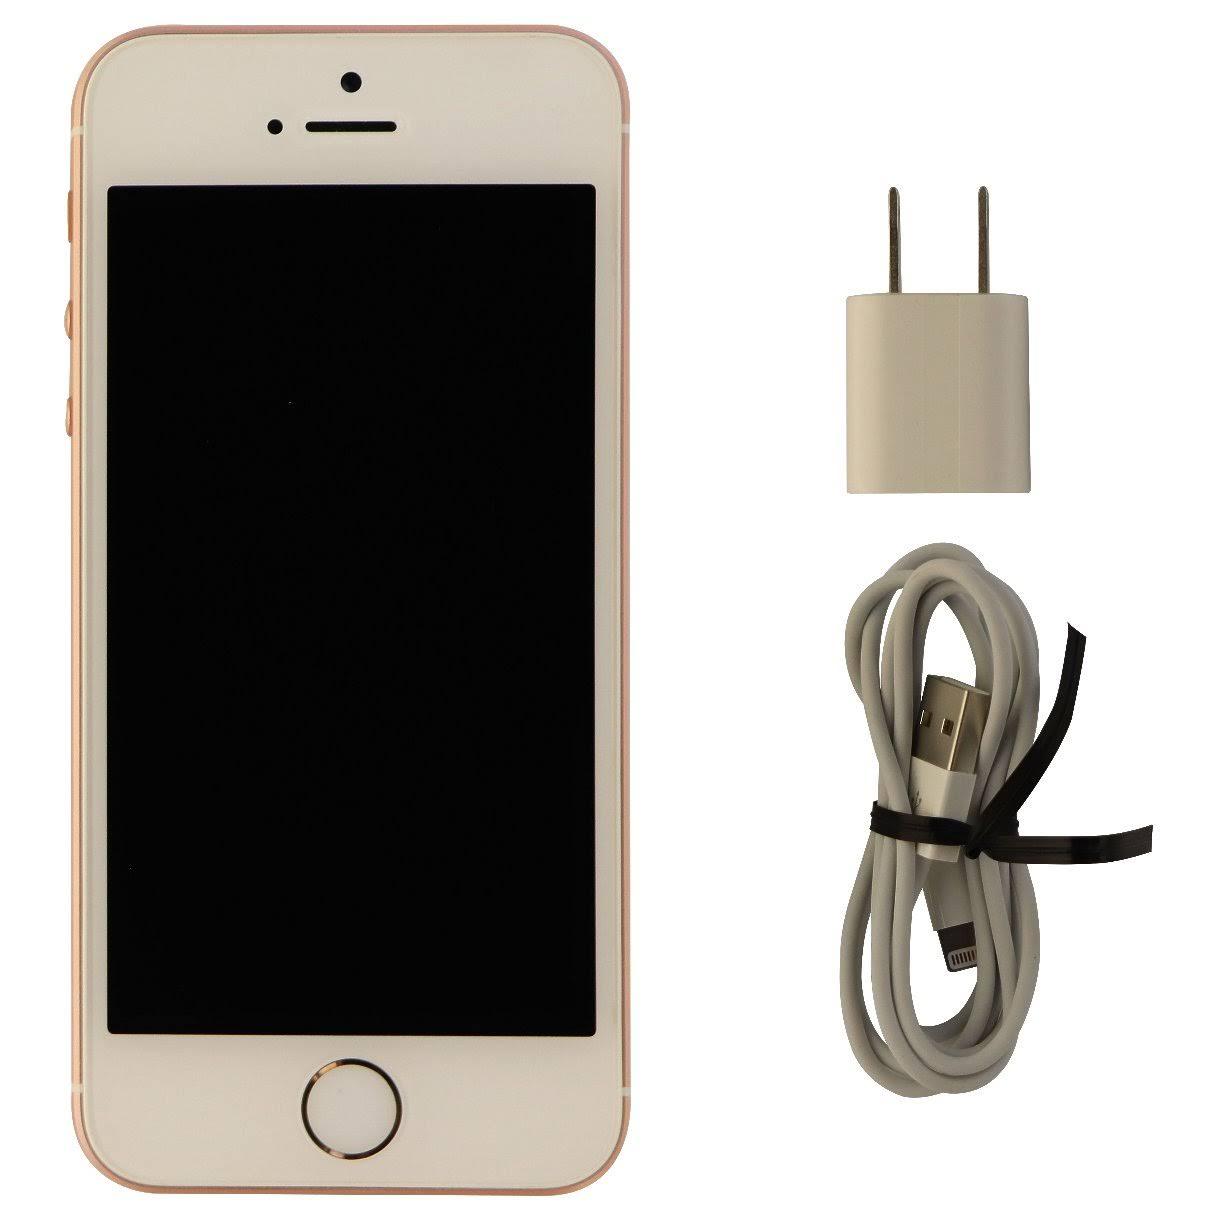 Se16 Gb sbloccato Gold Apple Iphone Rose CExBoeQrdW